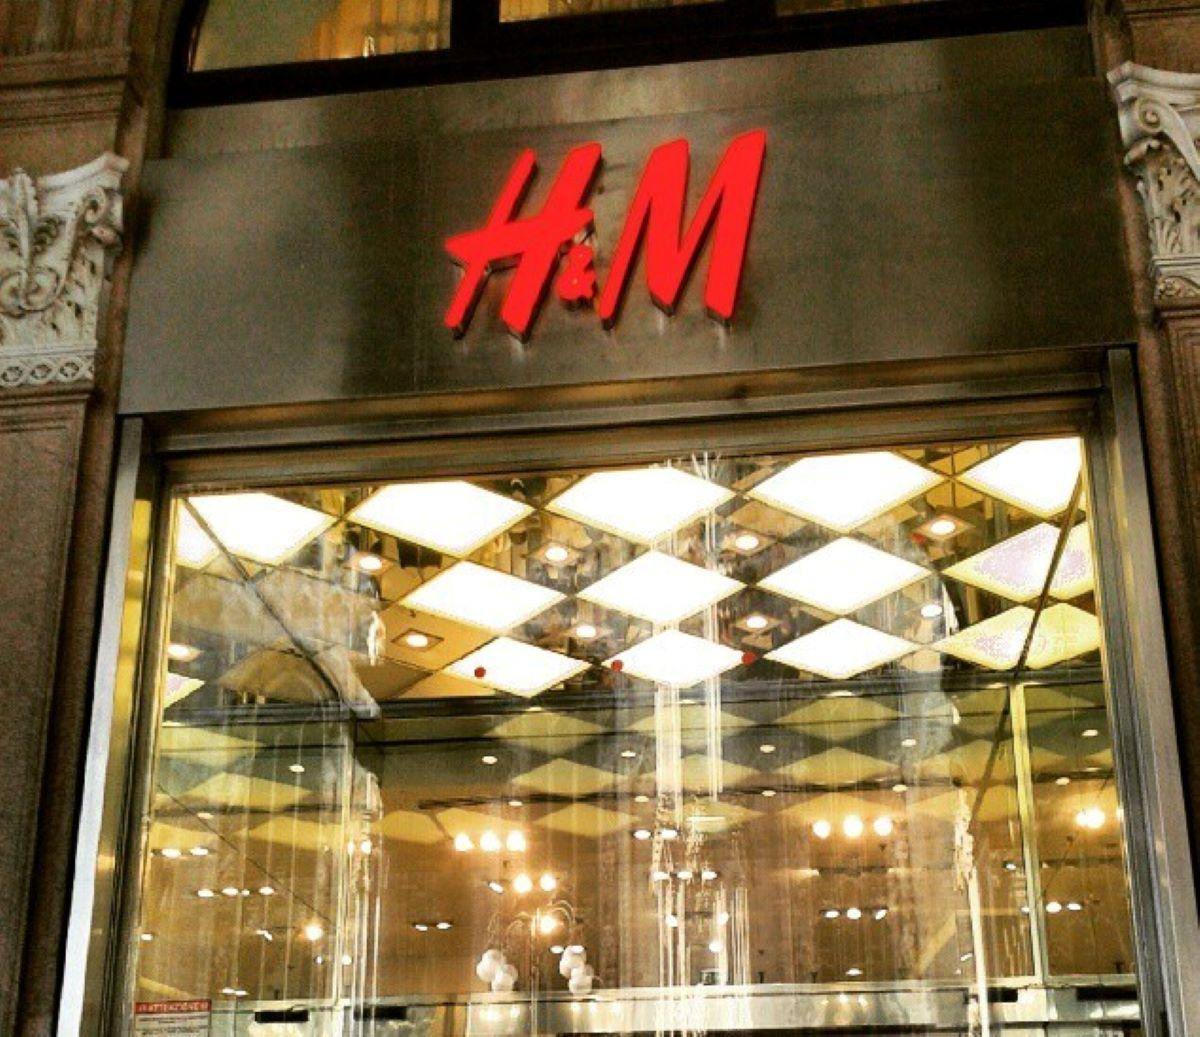 h&m abbonamento